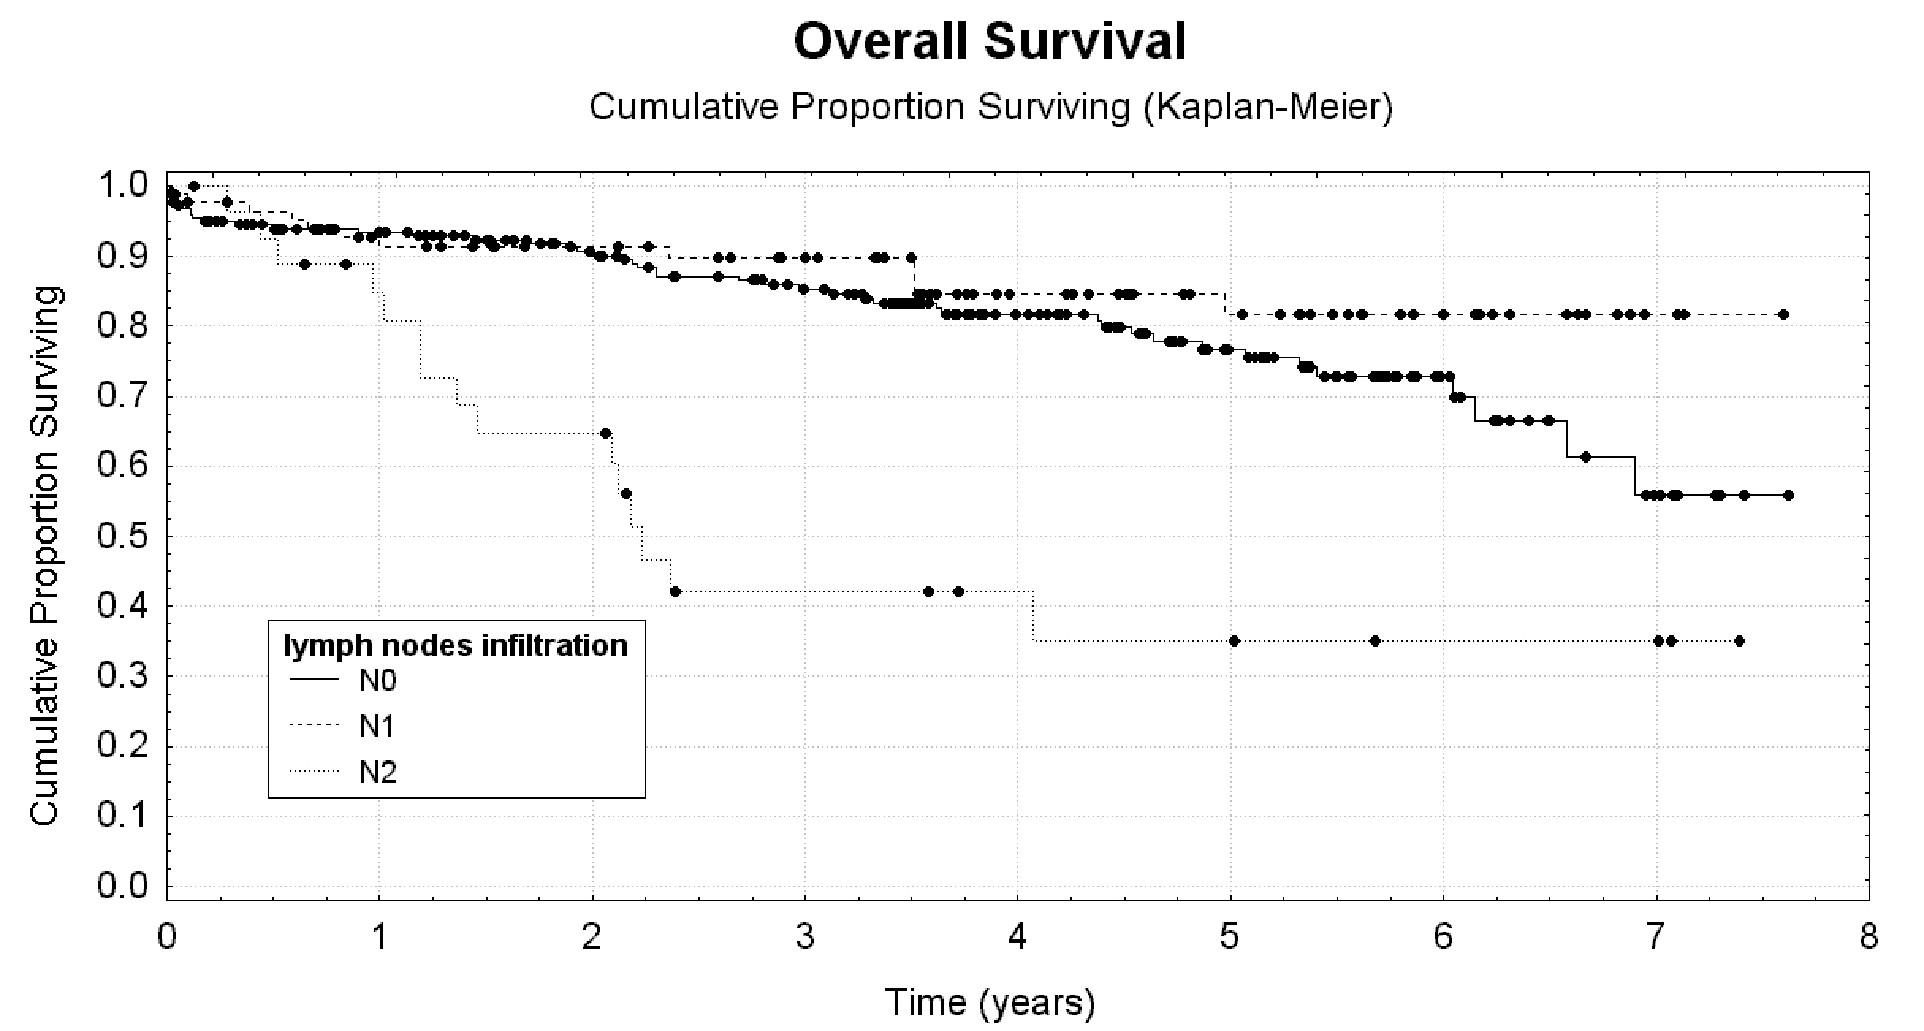 Uzlinové postižení jako rizikový faktor krátkého celkového přežití Graph 4: Lymph nodes infiltration as a risk factor for short overal survival